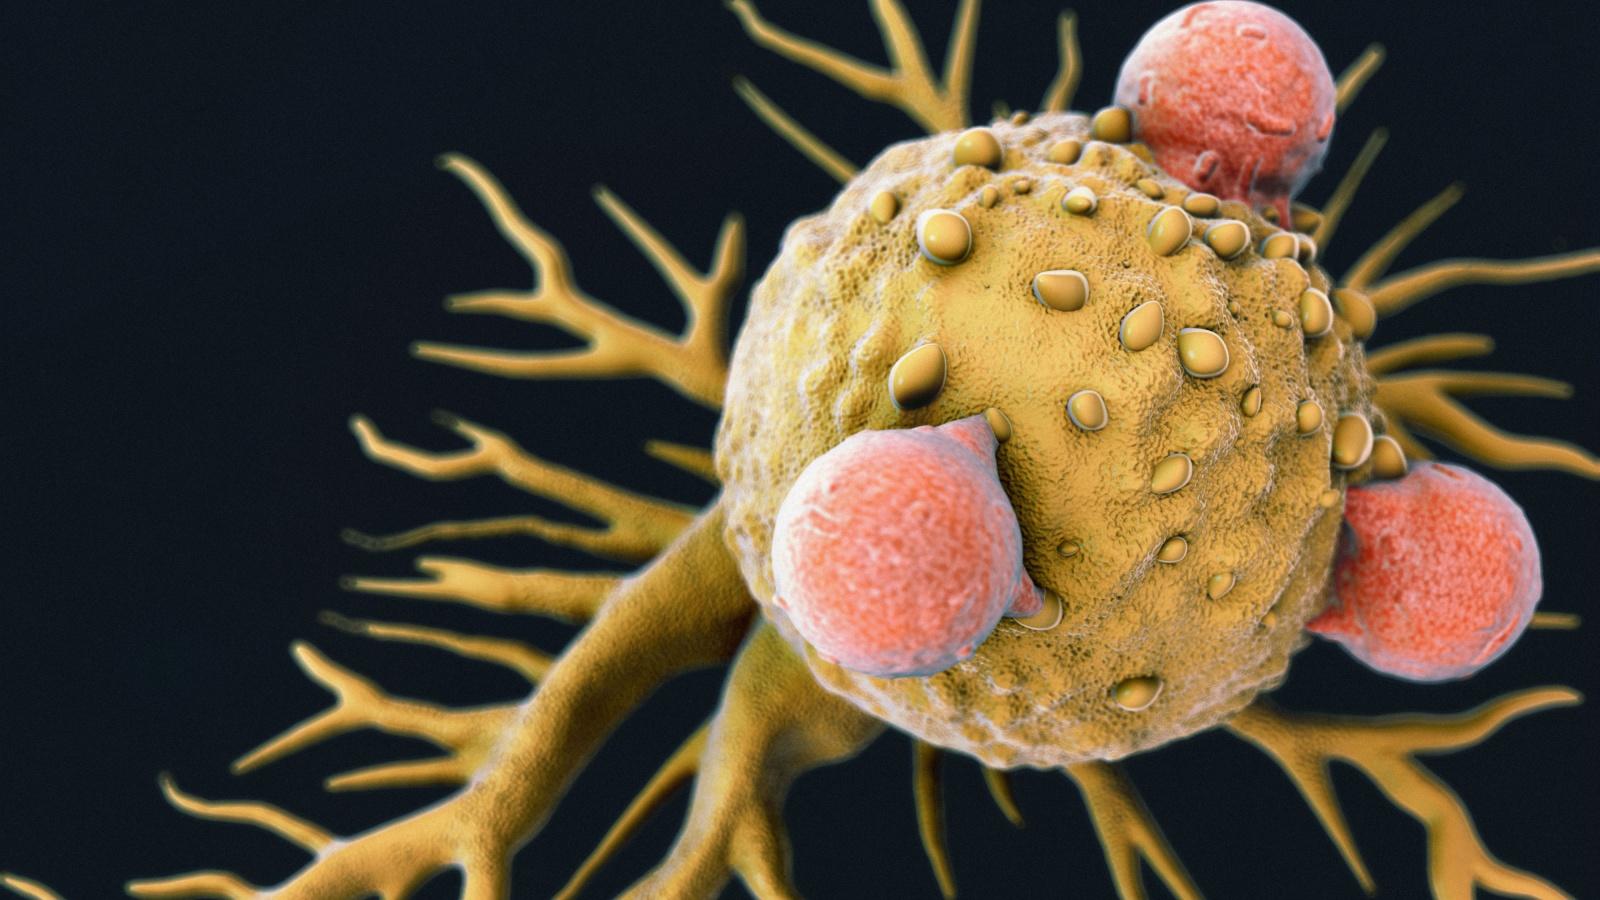 Учёные нашли T-клетки, открывающие перспективы универсальной противораковой иммунной терапии - 2